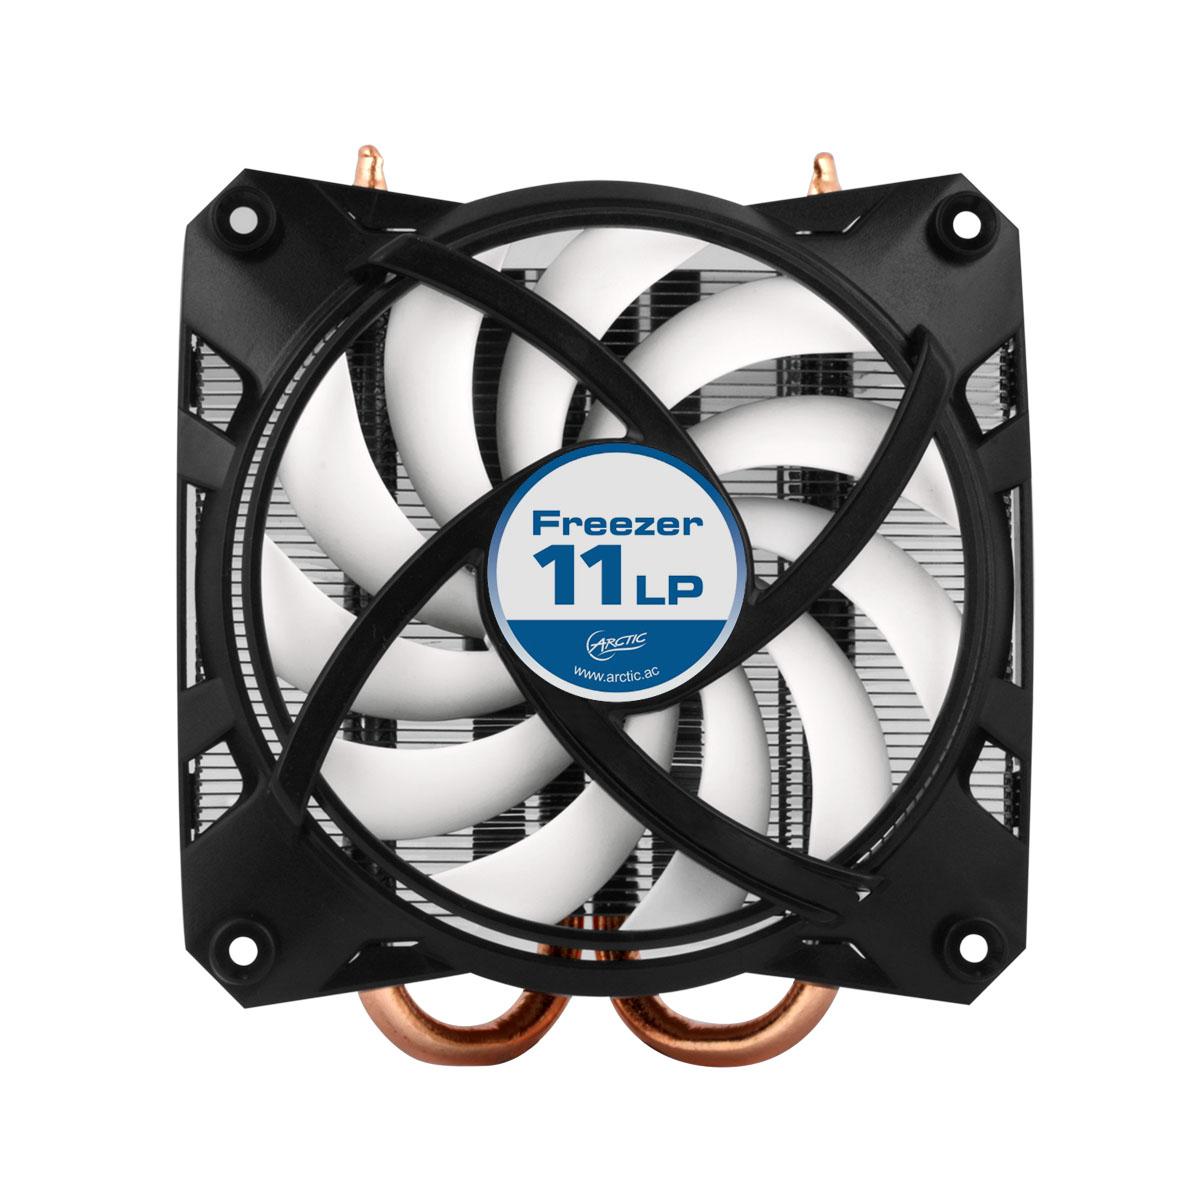 Arctic Freezer 11 LP - CPU-Kühler für Intel - 92 mm - mit Heatpipe